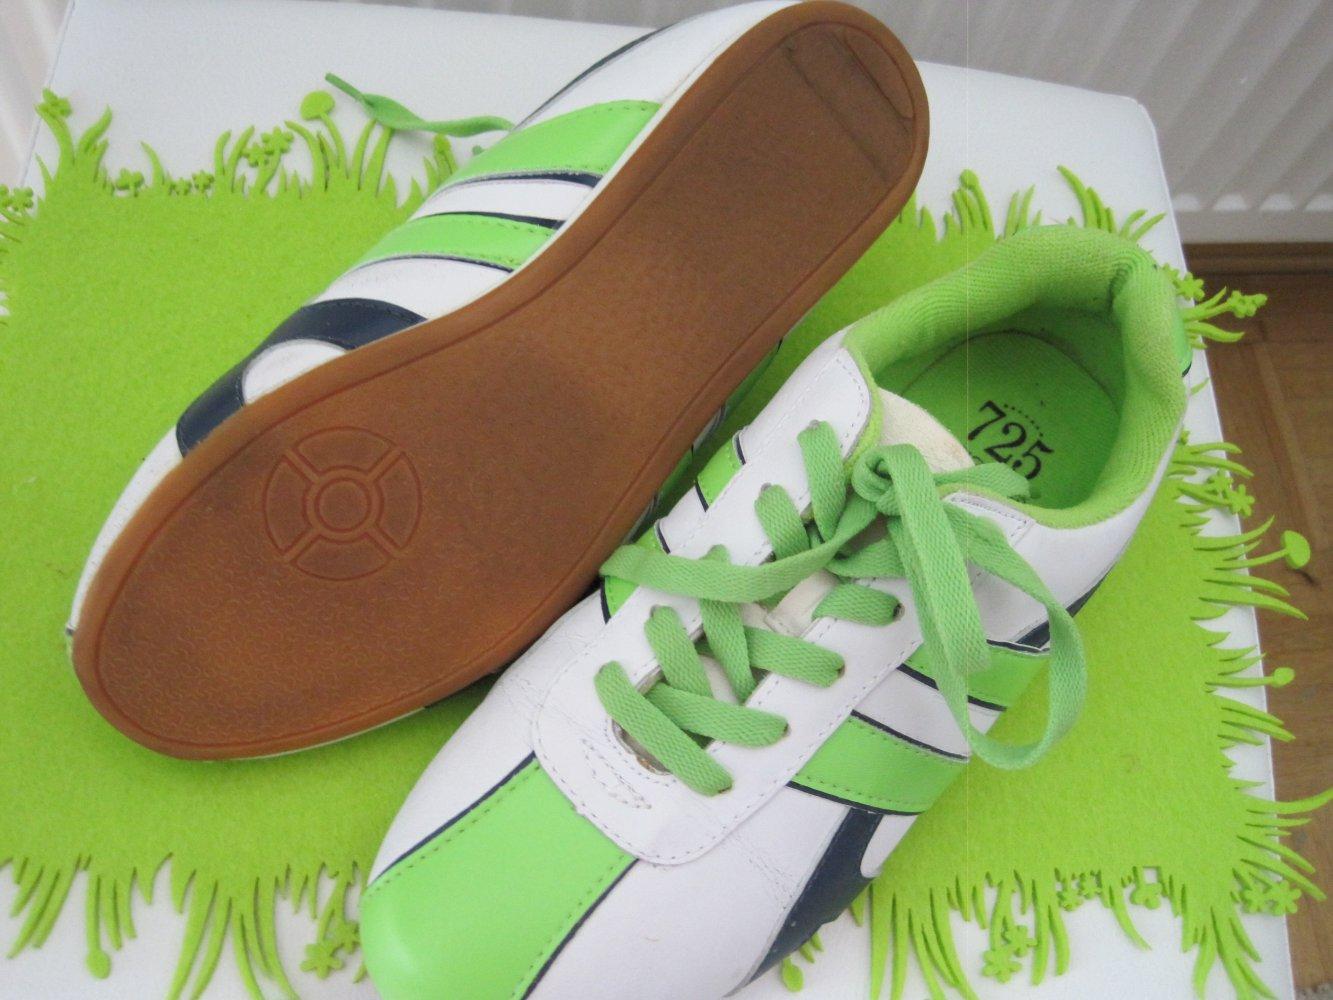 Sneakers Damenschuhe Hallenschuhe Sportschuhe